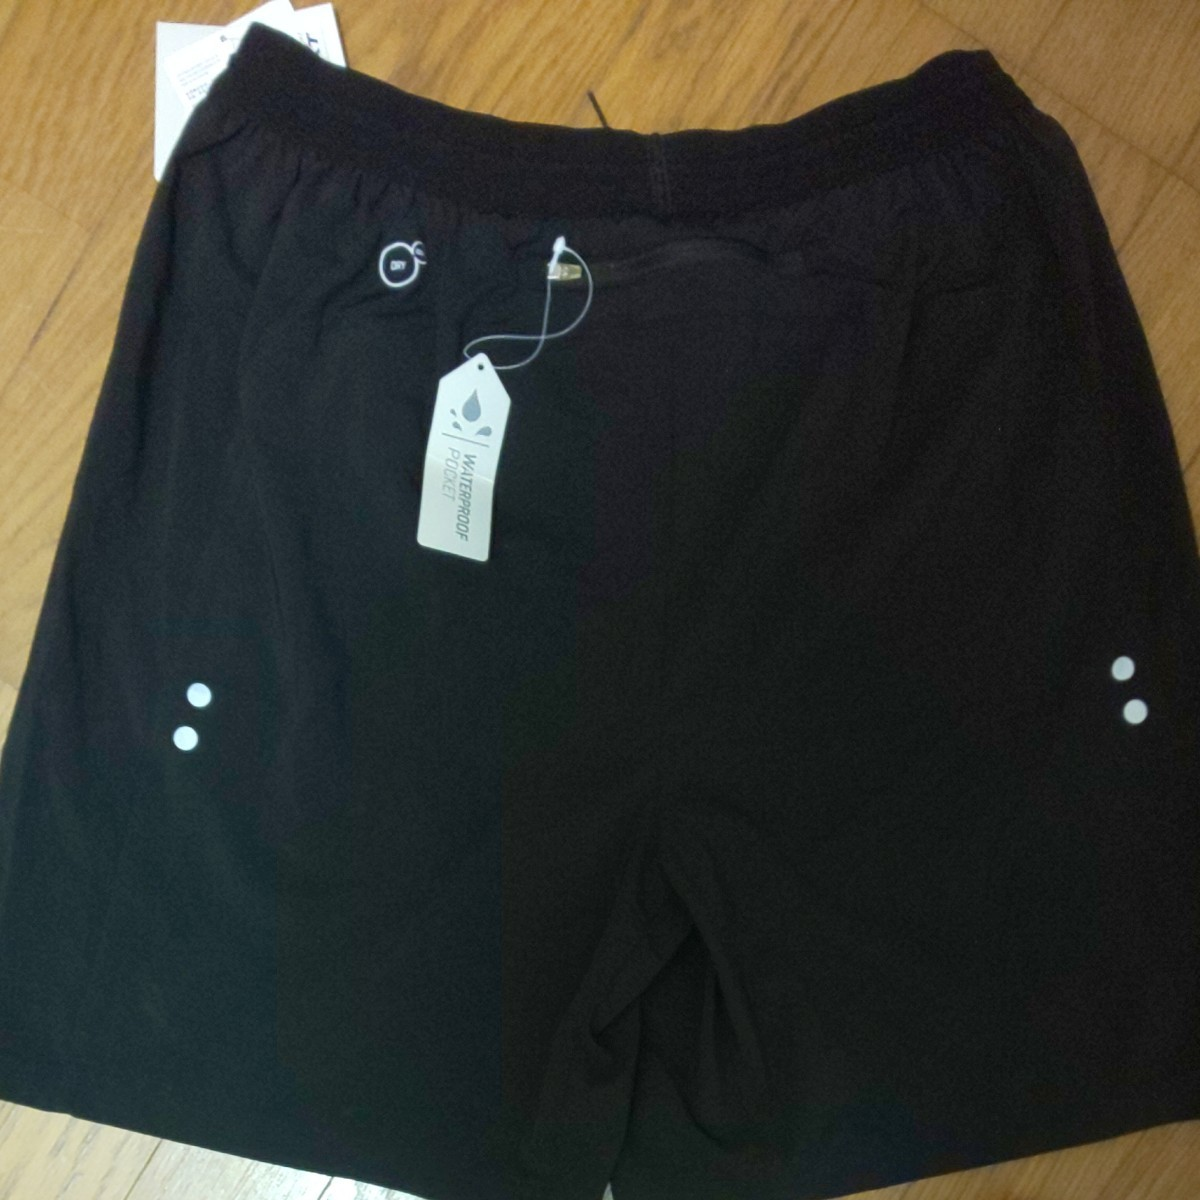 【新品】パンツ PUMA プーマ メンズ 5インチ丈 ショーツ ジョギング トレーニング スポーツ ウェア  ハーフパンツ